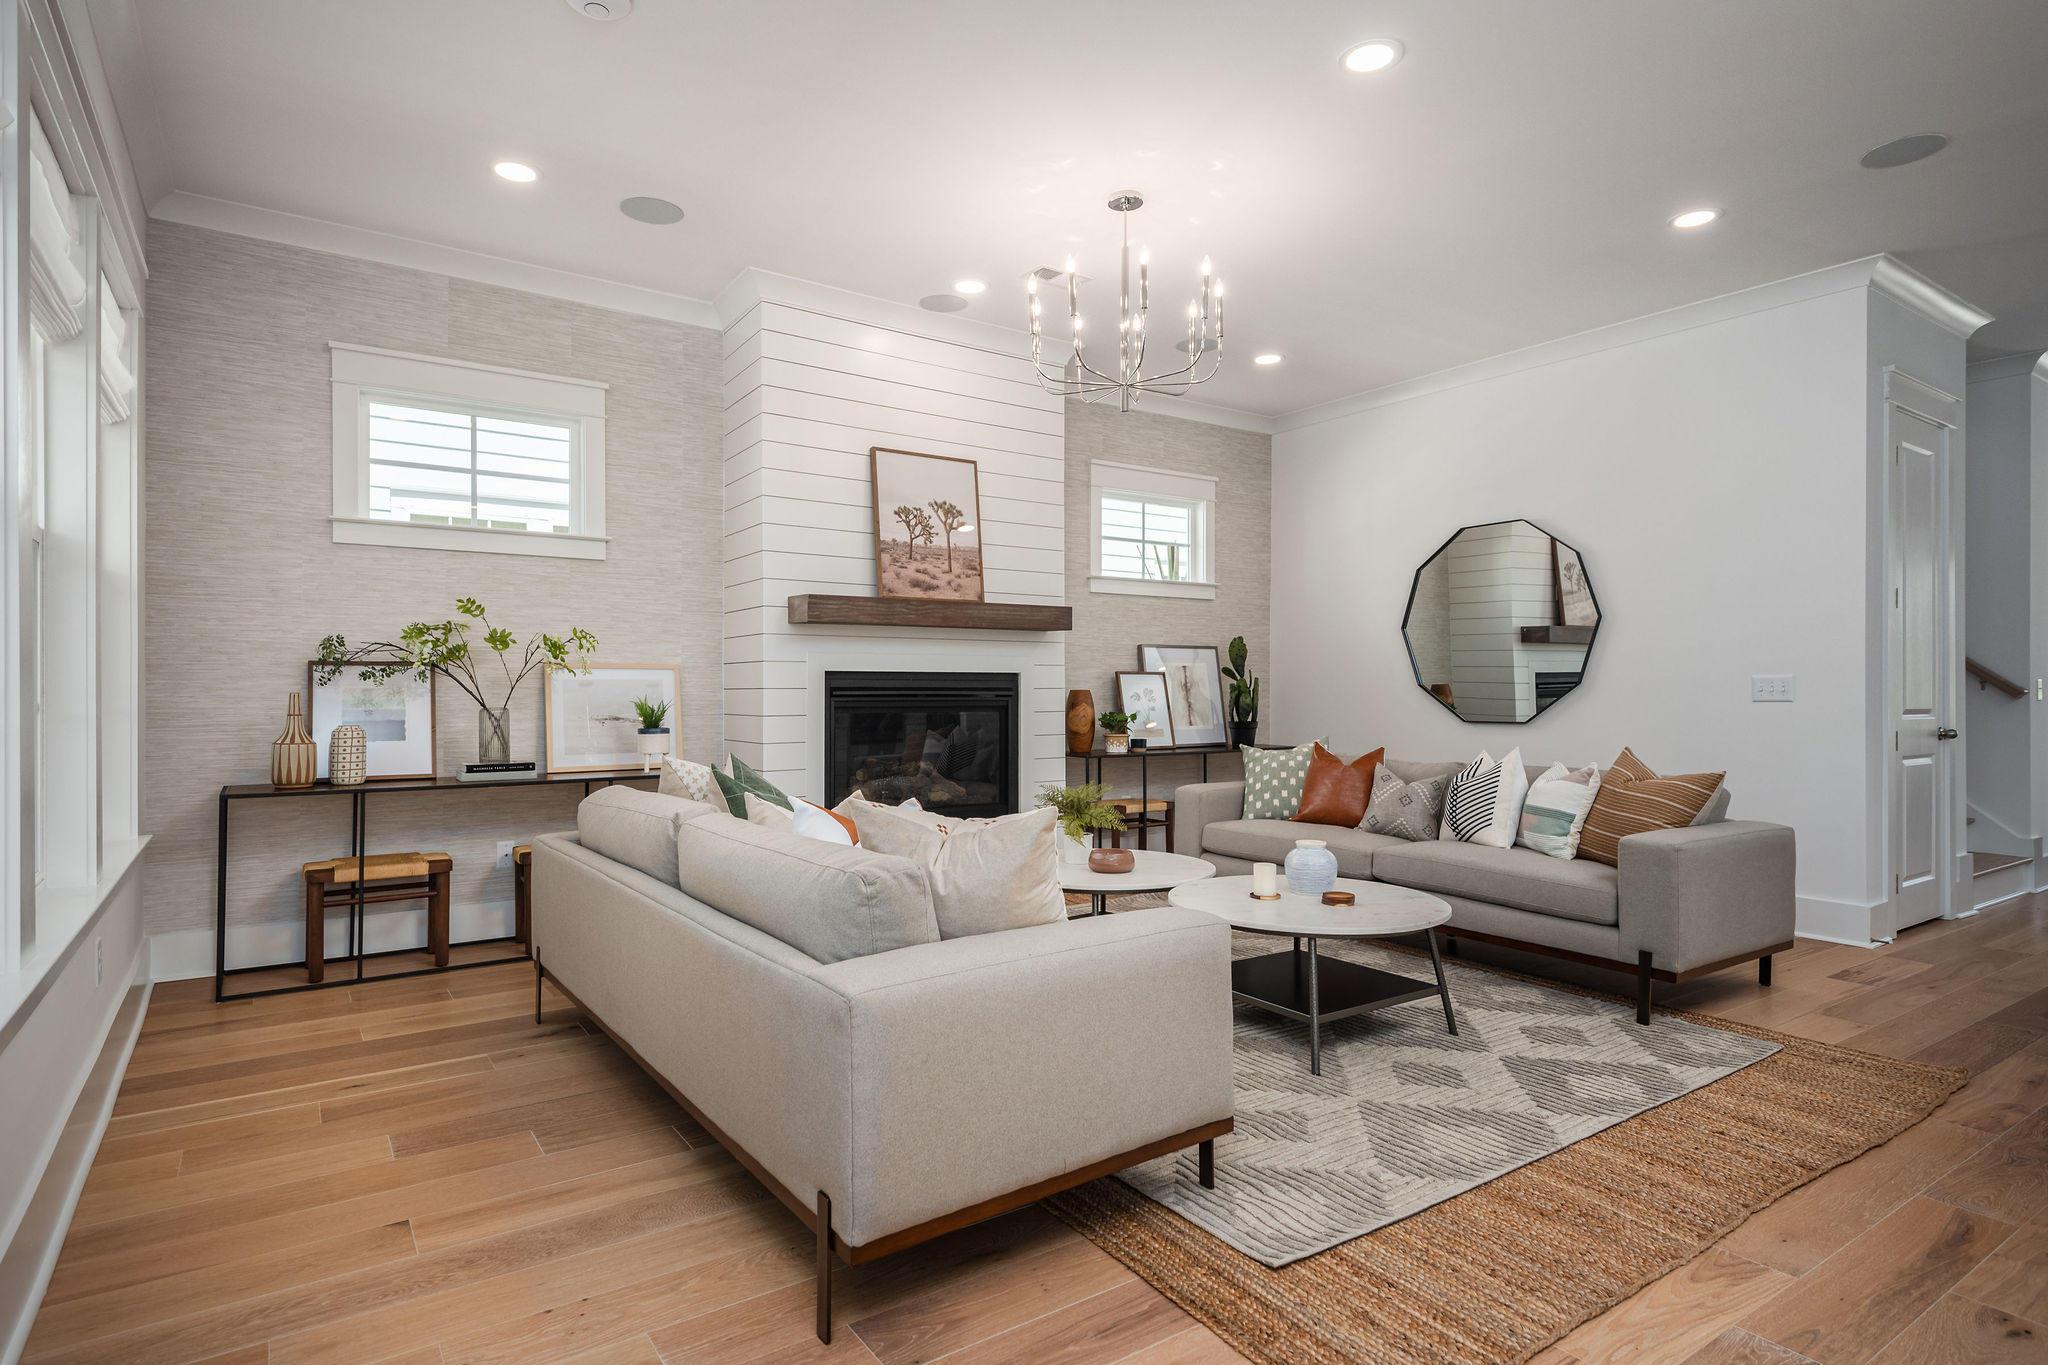 Midtown Homes For Sale - 1523 Low Park, Mount Pleasant, SC - 0